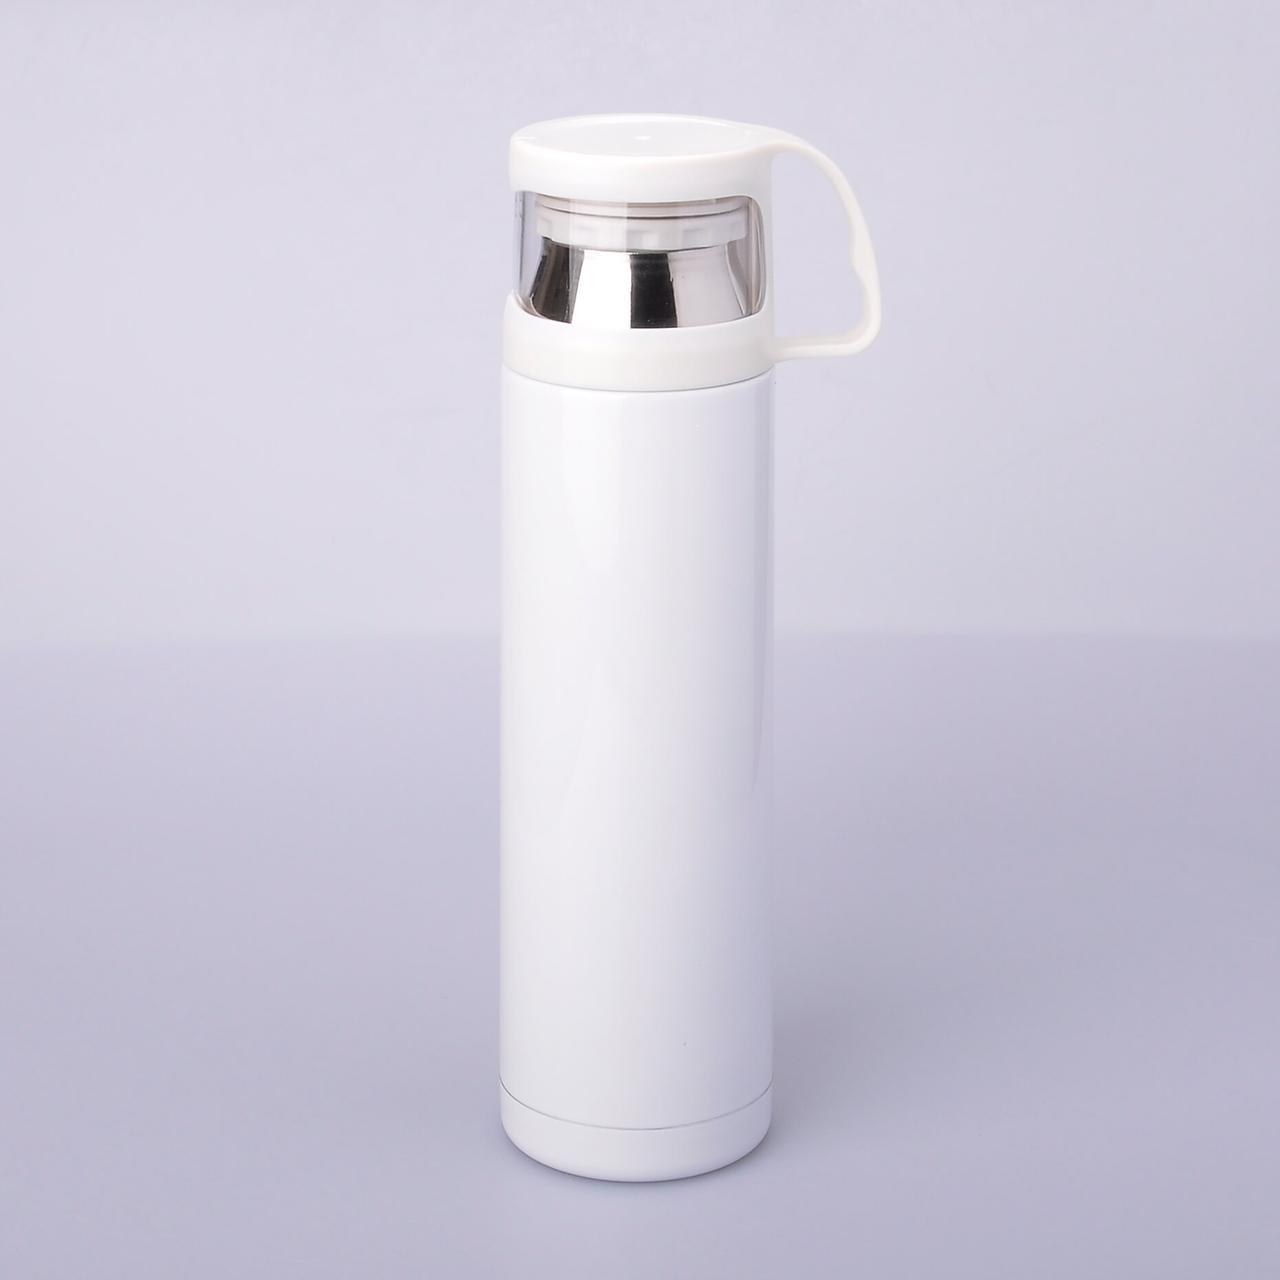 Термос для сублимации с чашечкой, 500 мл